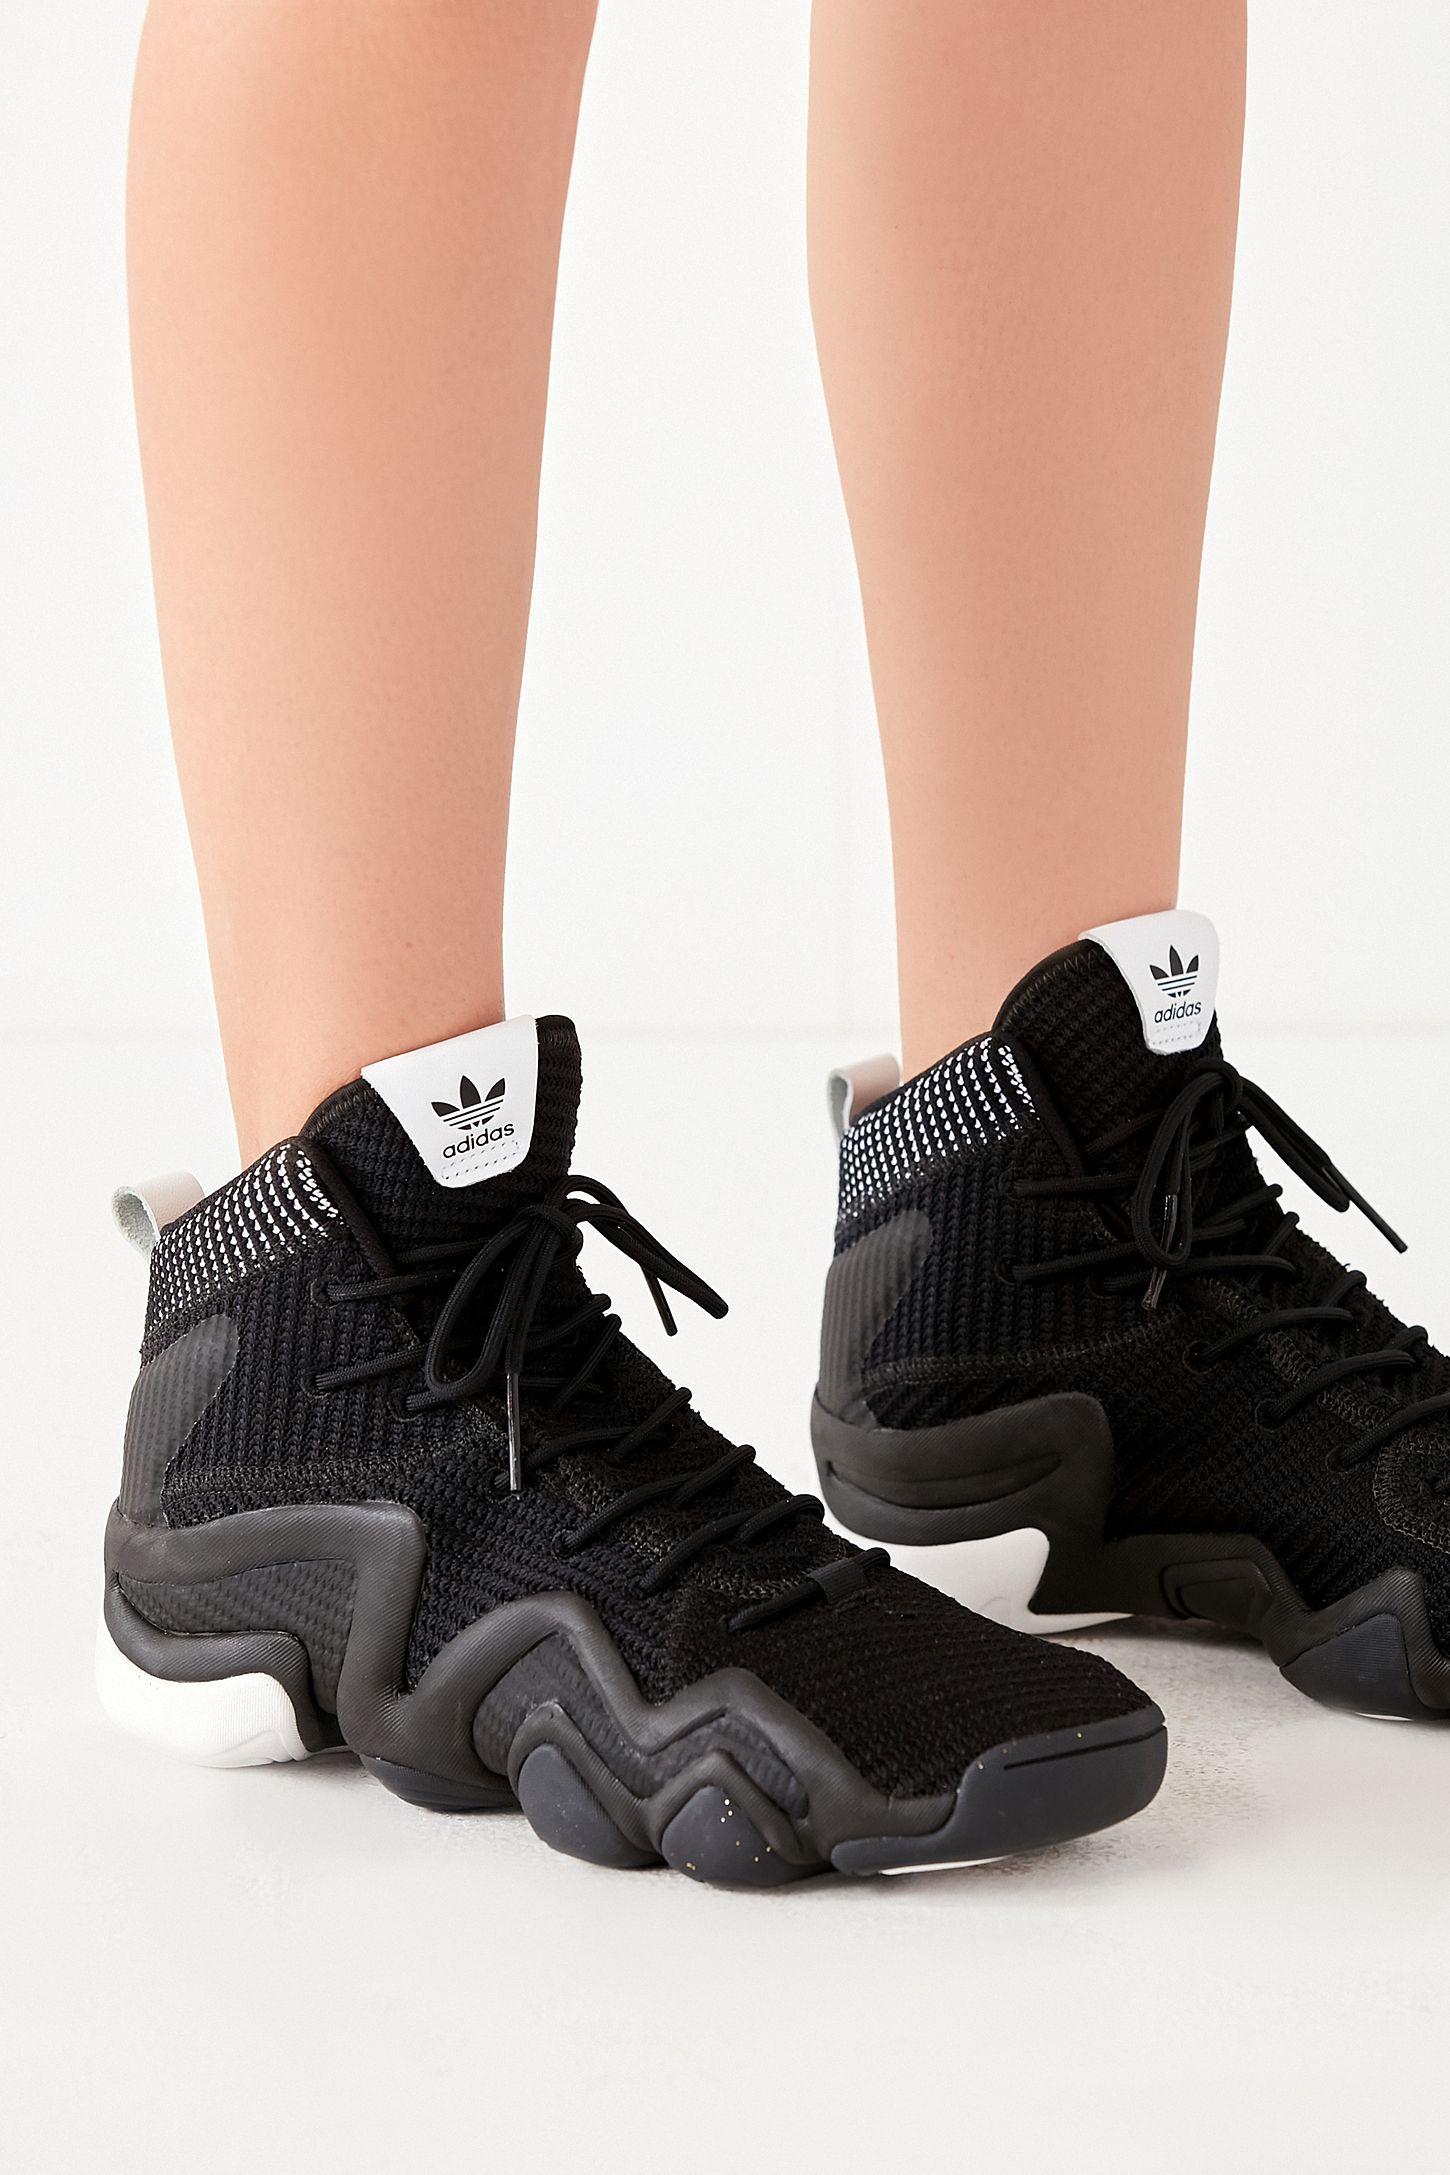 9a09e5e31991a adidas Originals Crazy 8 ADV Primeknit Sneaker